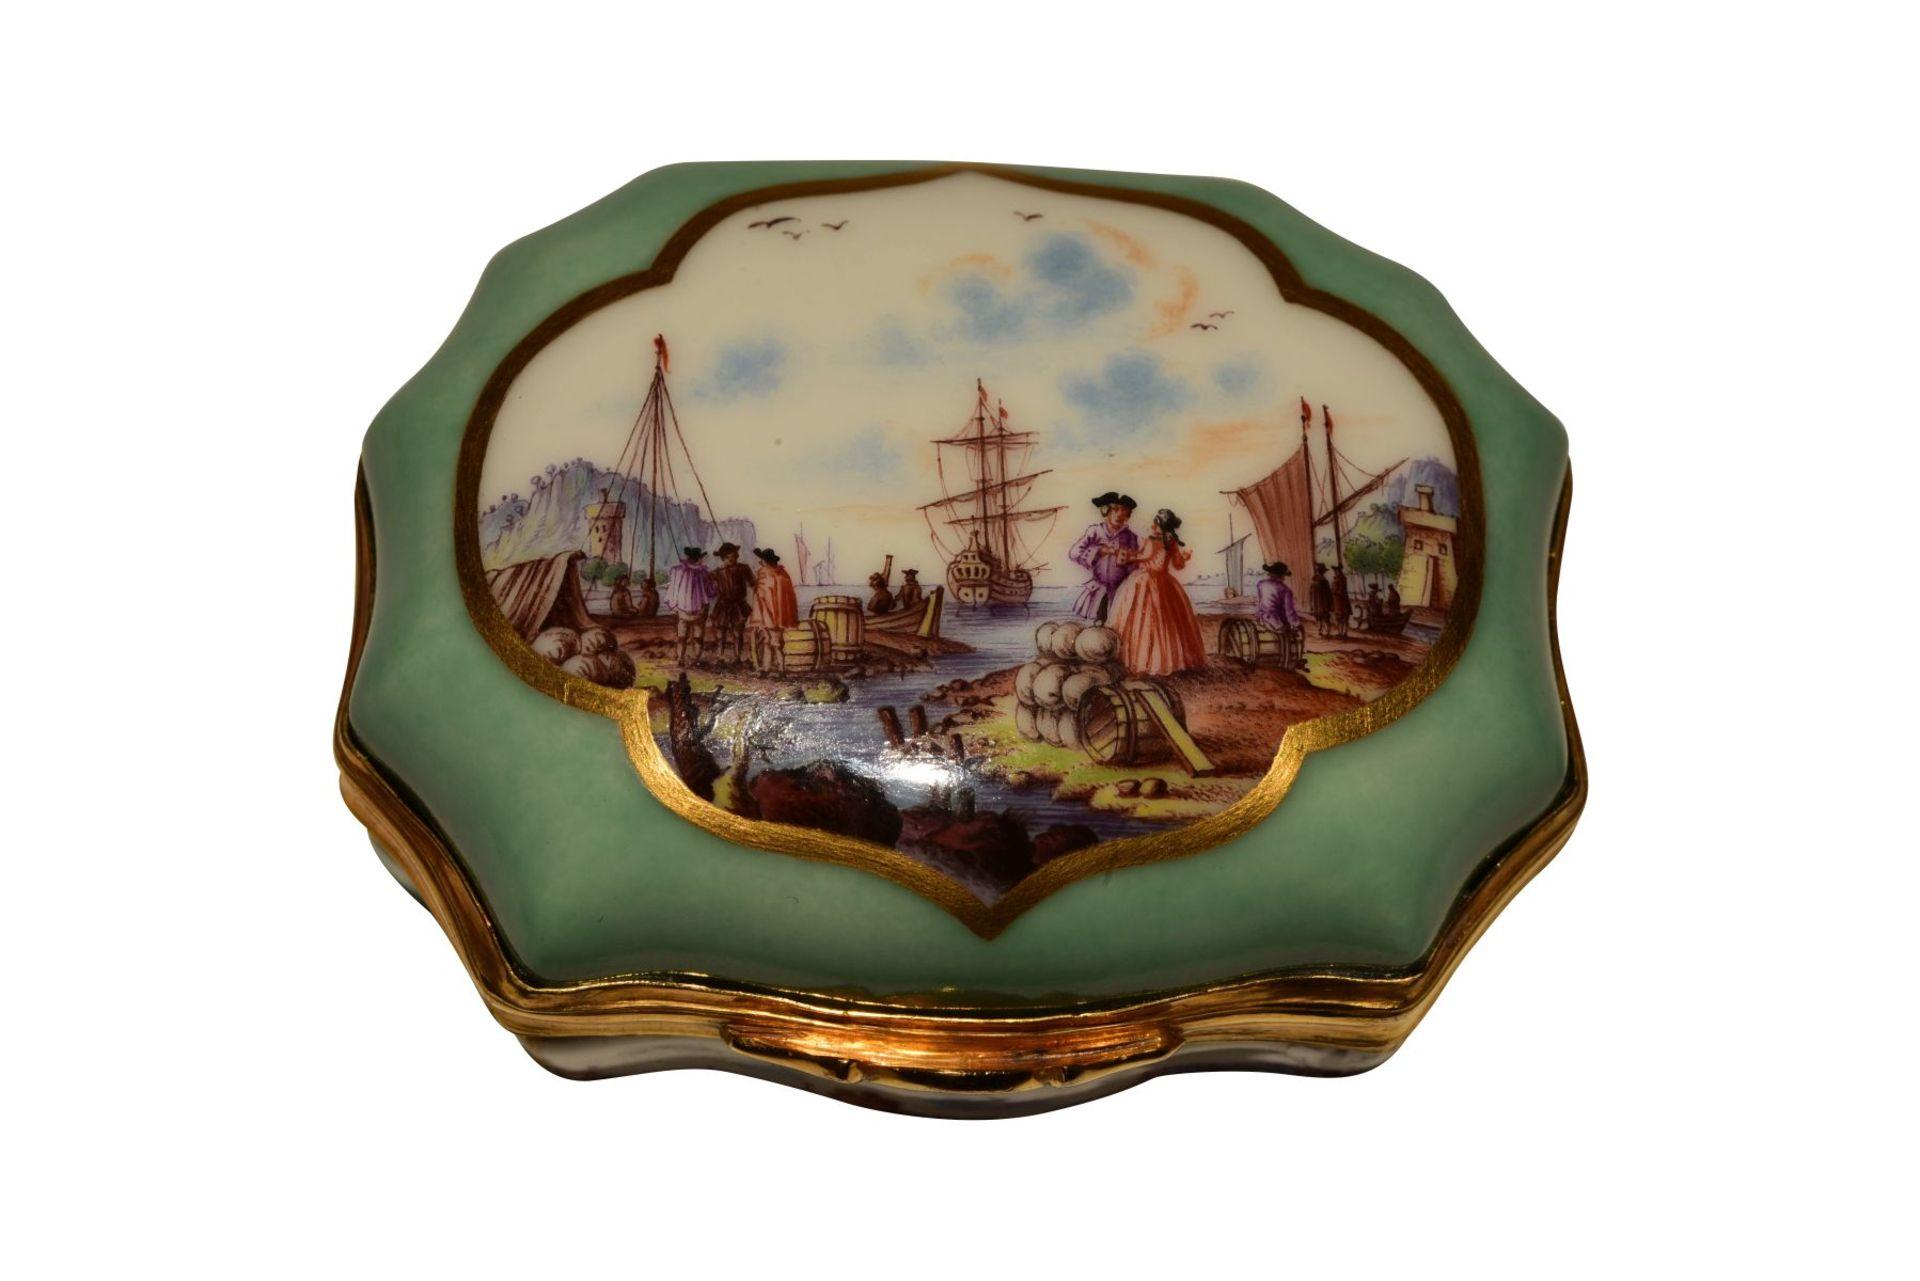 Tabatiere Meissen 1730 - Bild 4 aus 6